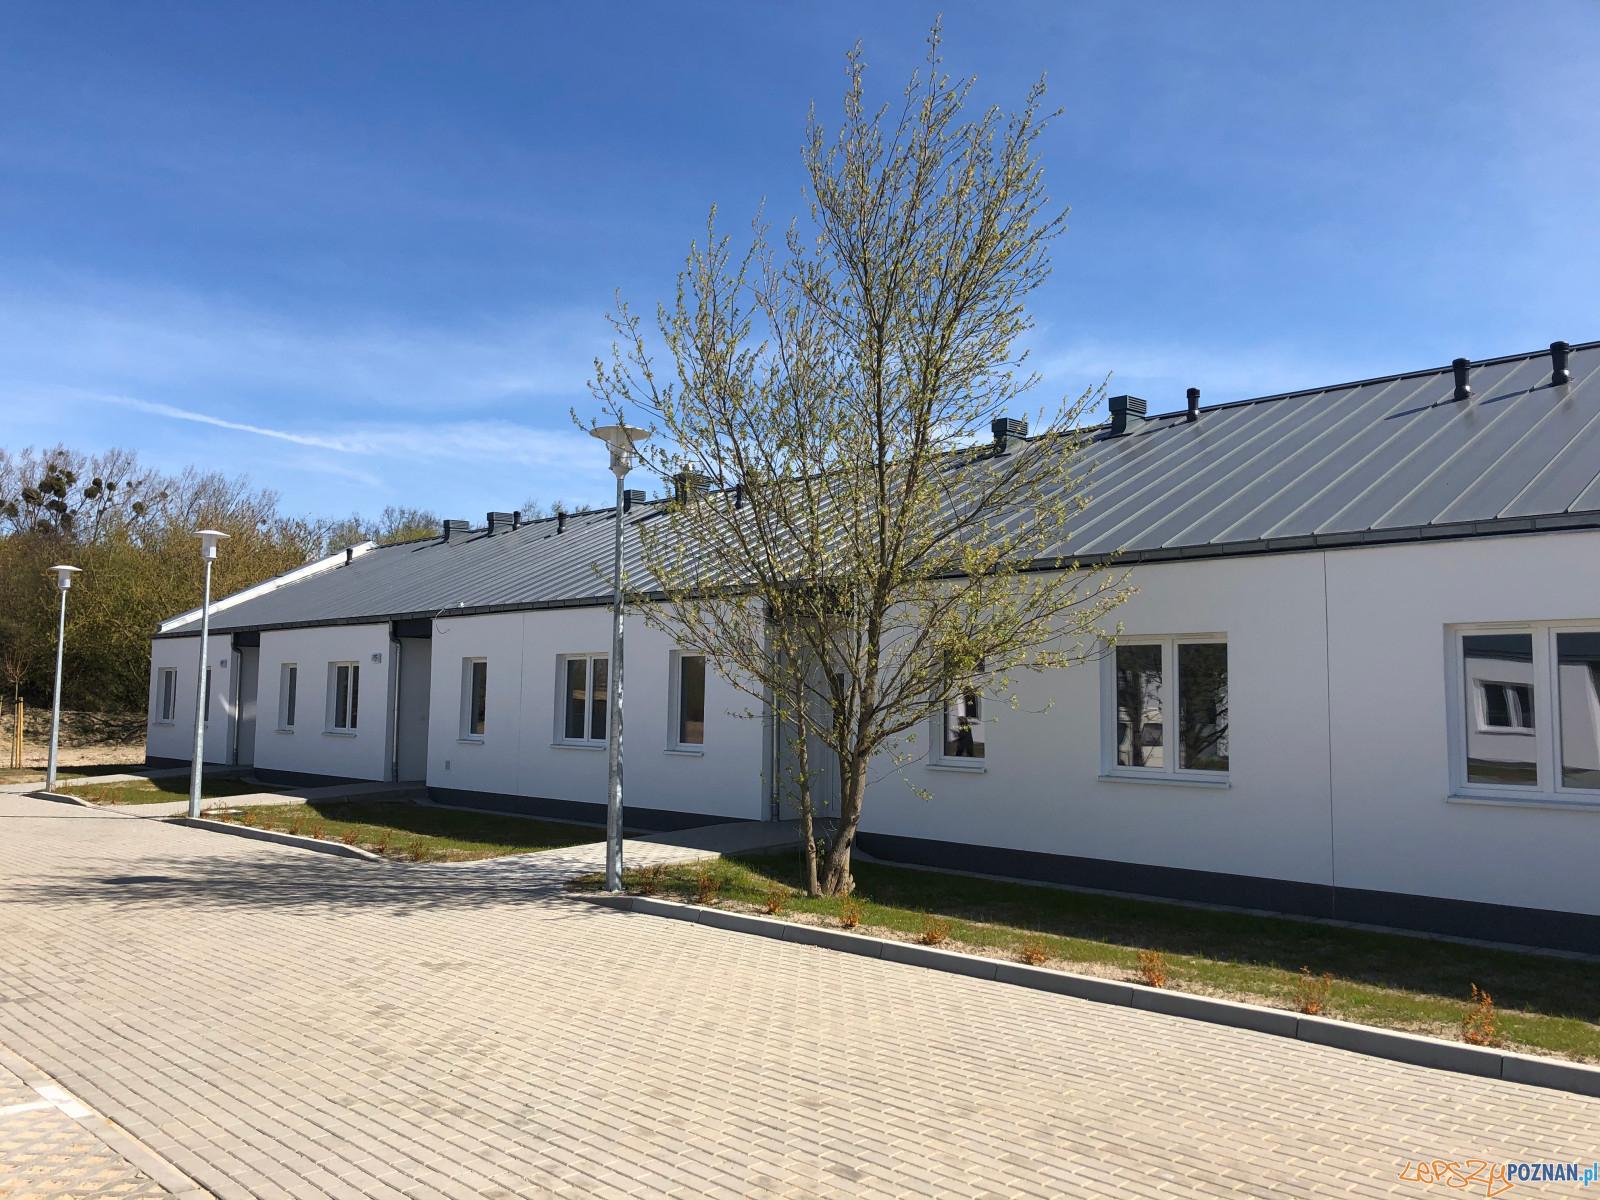 Darzyborska - osiedle ZKZL (6)  Foto: materiały prasowe ZKZL